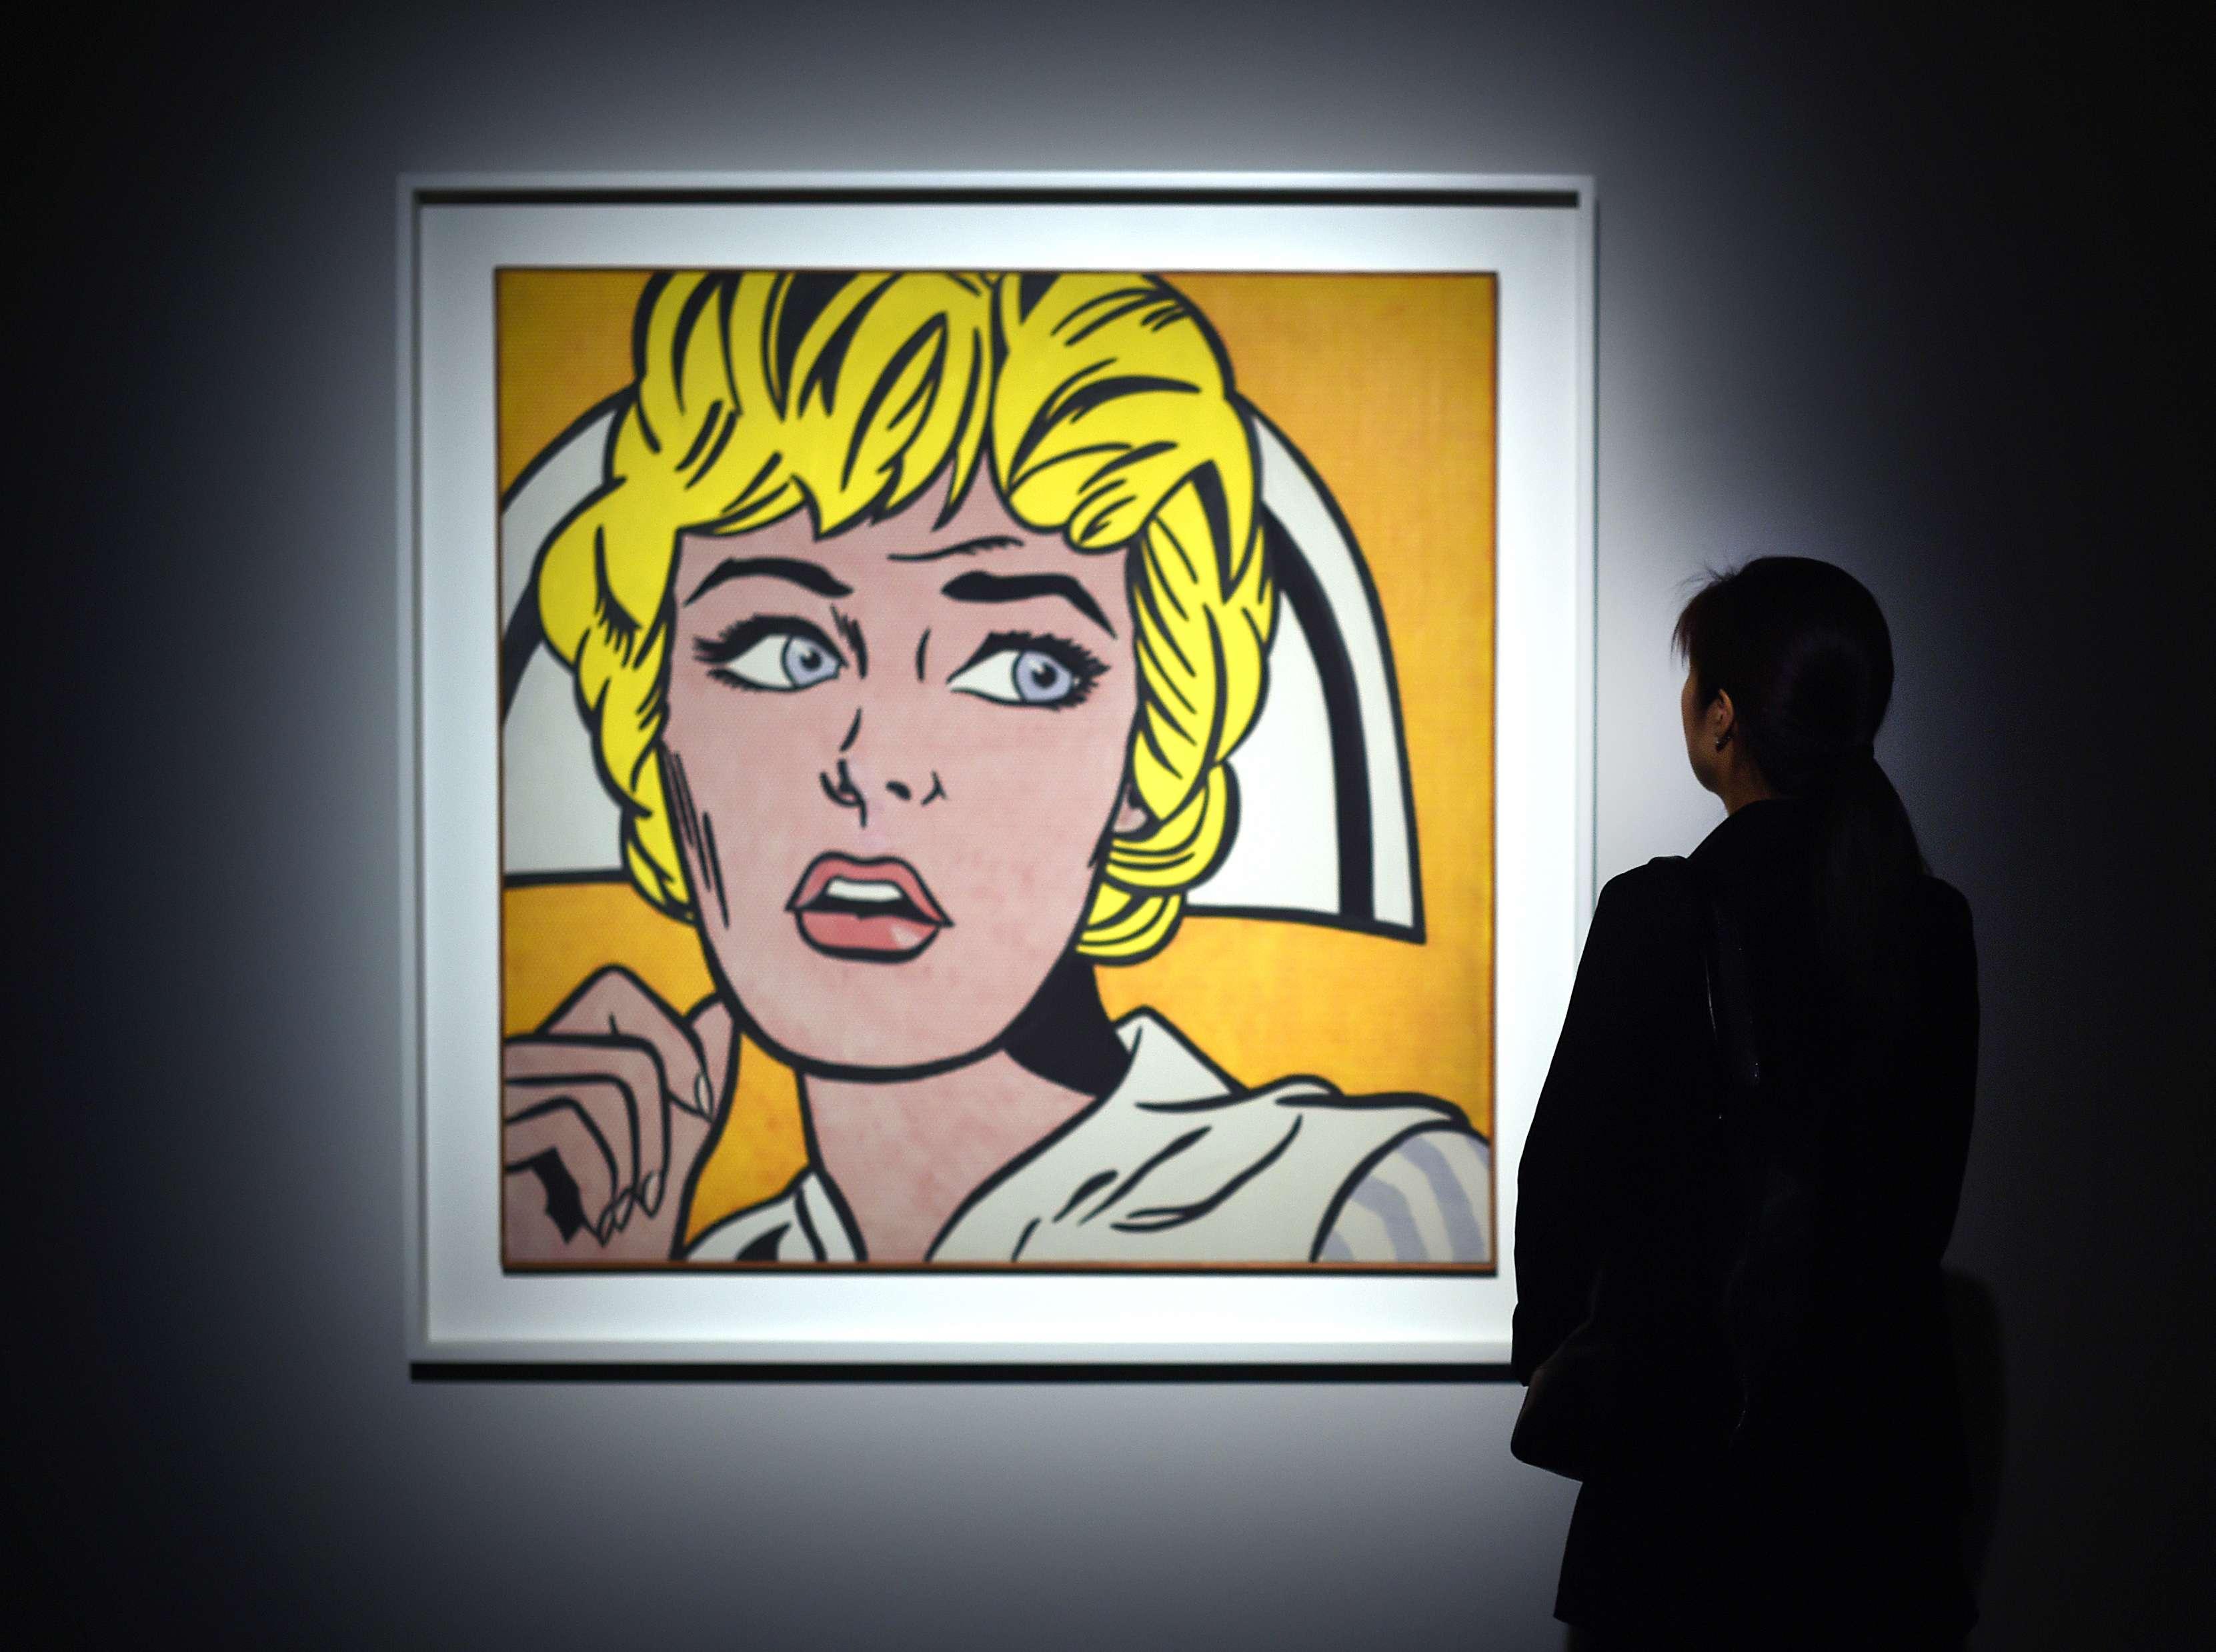 «Nurse», un tableau de la figure du pop art américain Roy Lichtenstein, inspiré de l'univers de la pub et des comics, a étéacquis ennovembre2015 pour 95,37millions de dollars chez Christie's à New York.